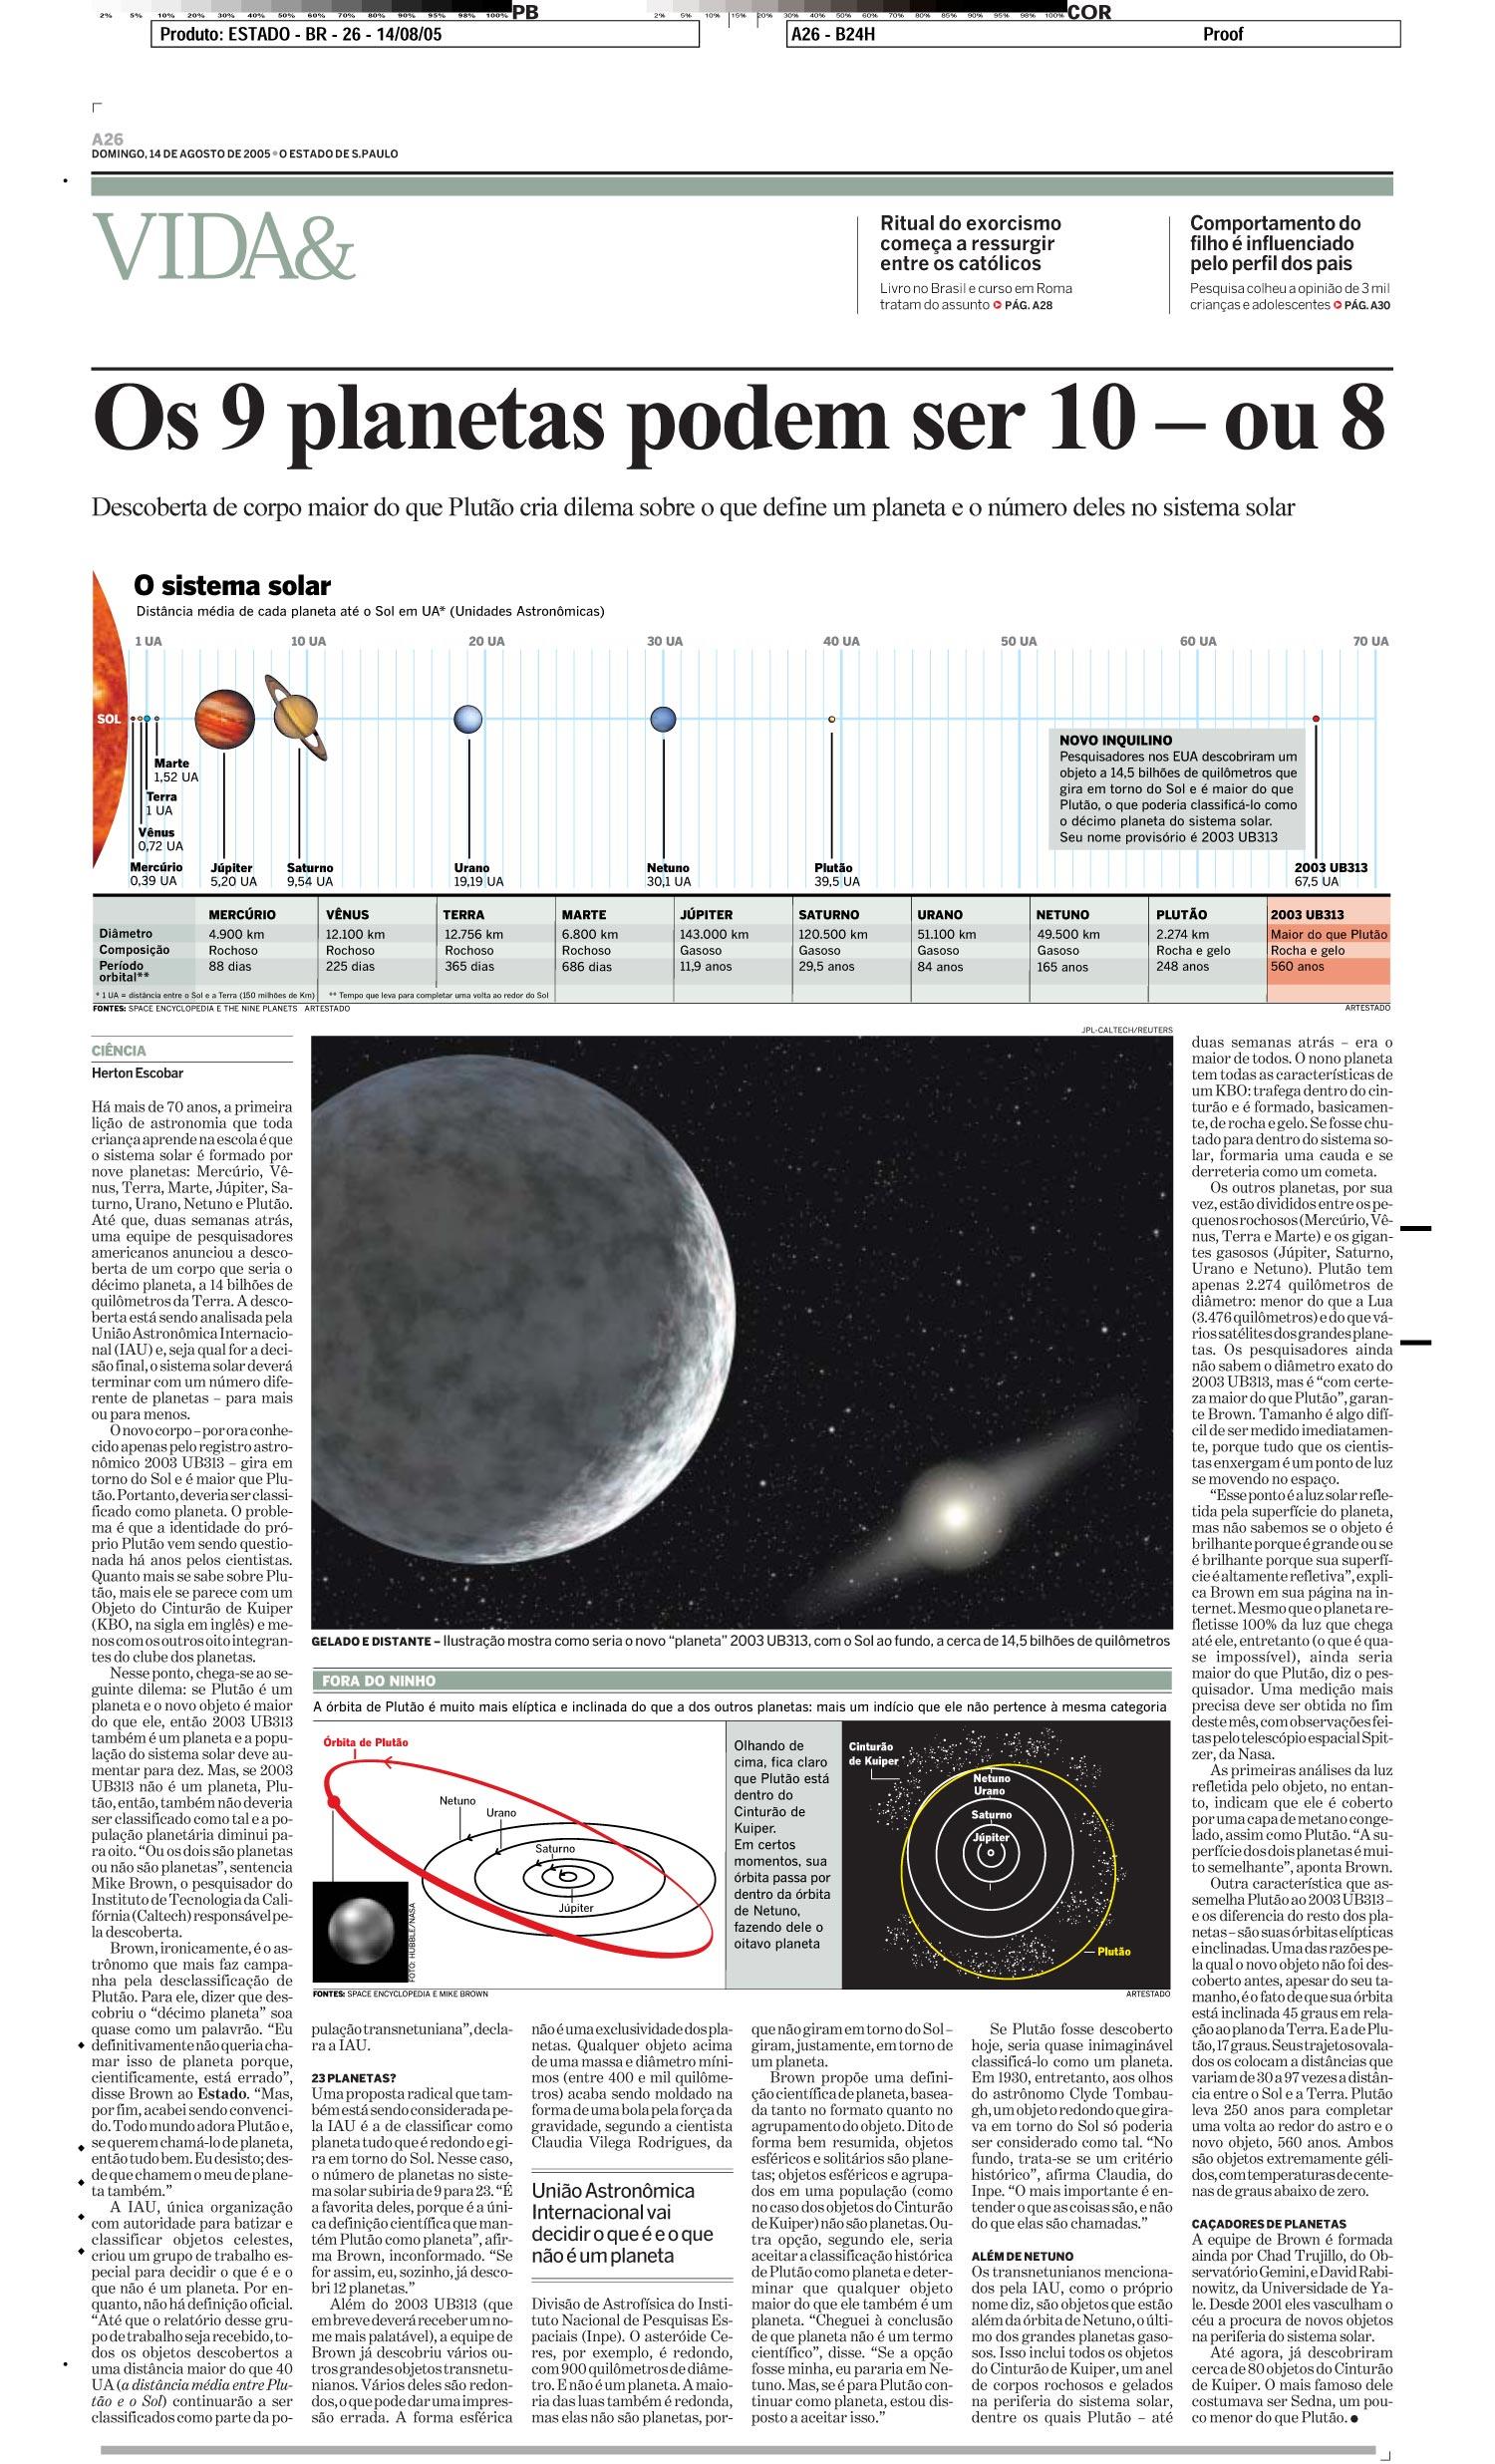 Os 9 planetas poder ser 10 - ou 8